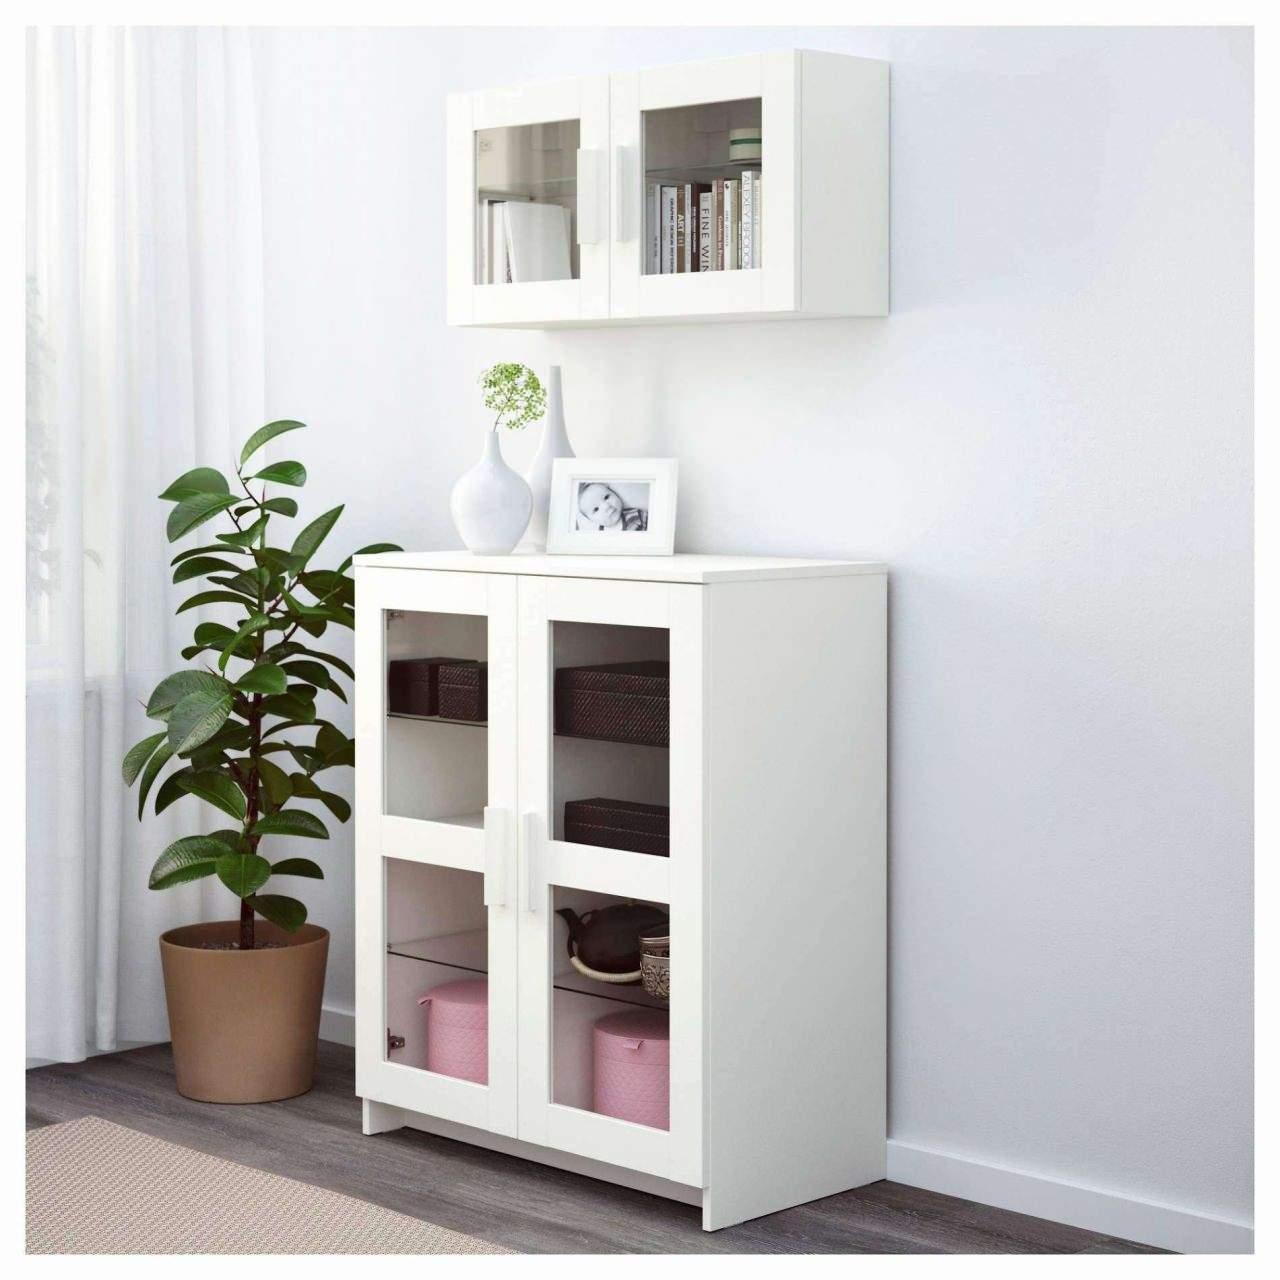 deko ideen selbermachen wohnzimmer reizend frisch deko ideen selbermachen wohnzimmer of deko ideen selbermachen wohnzimmer